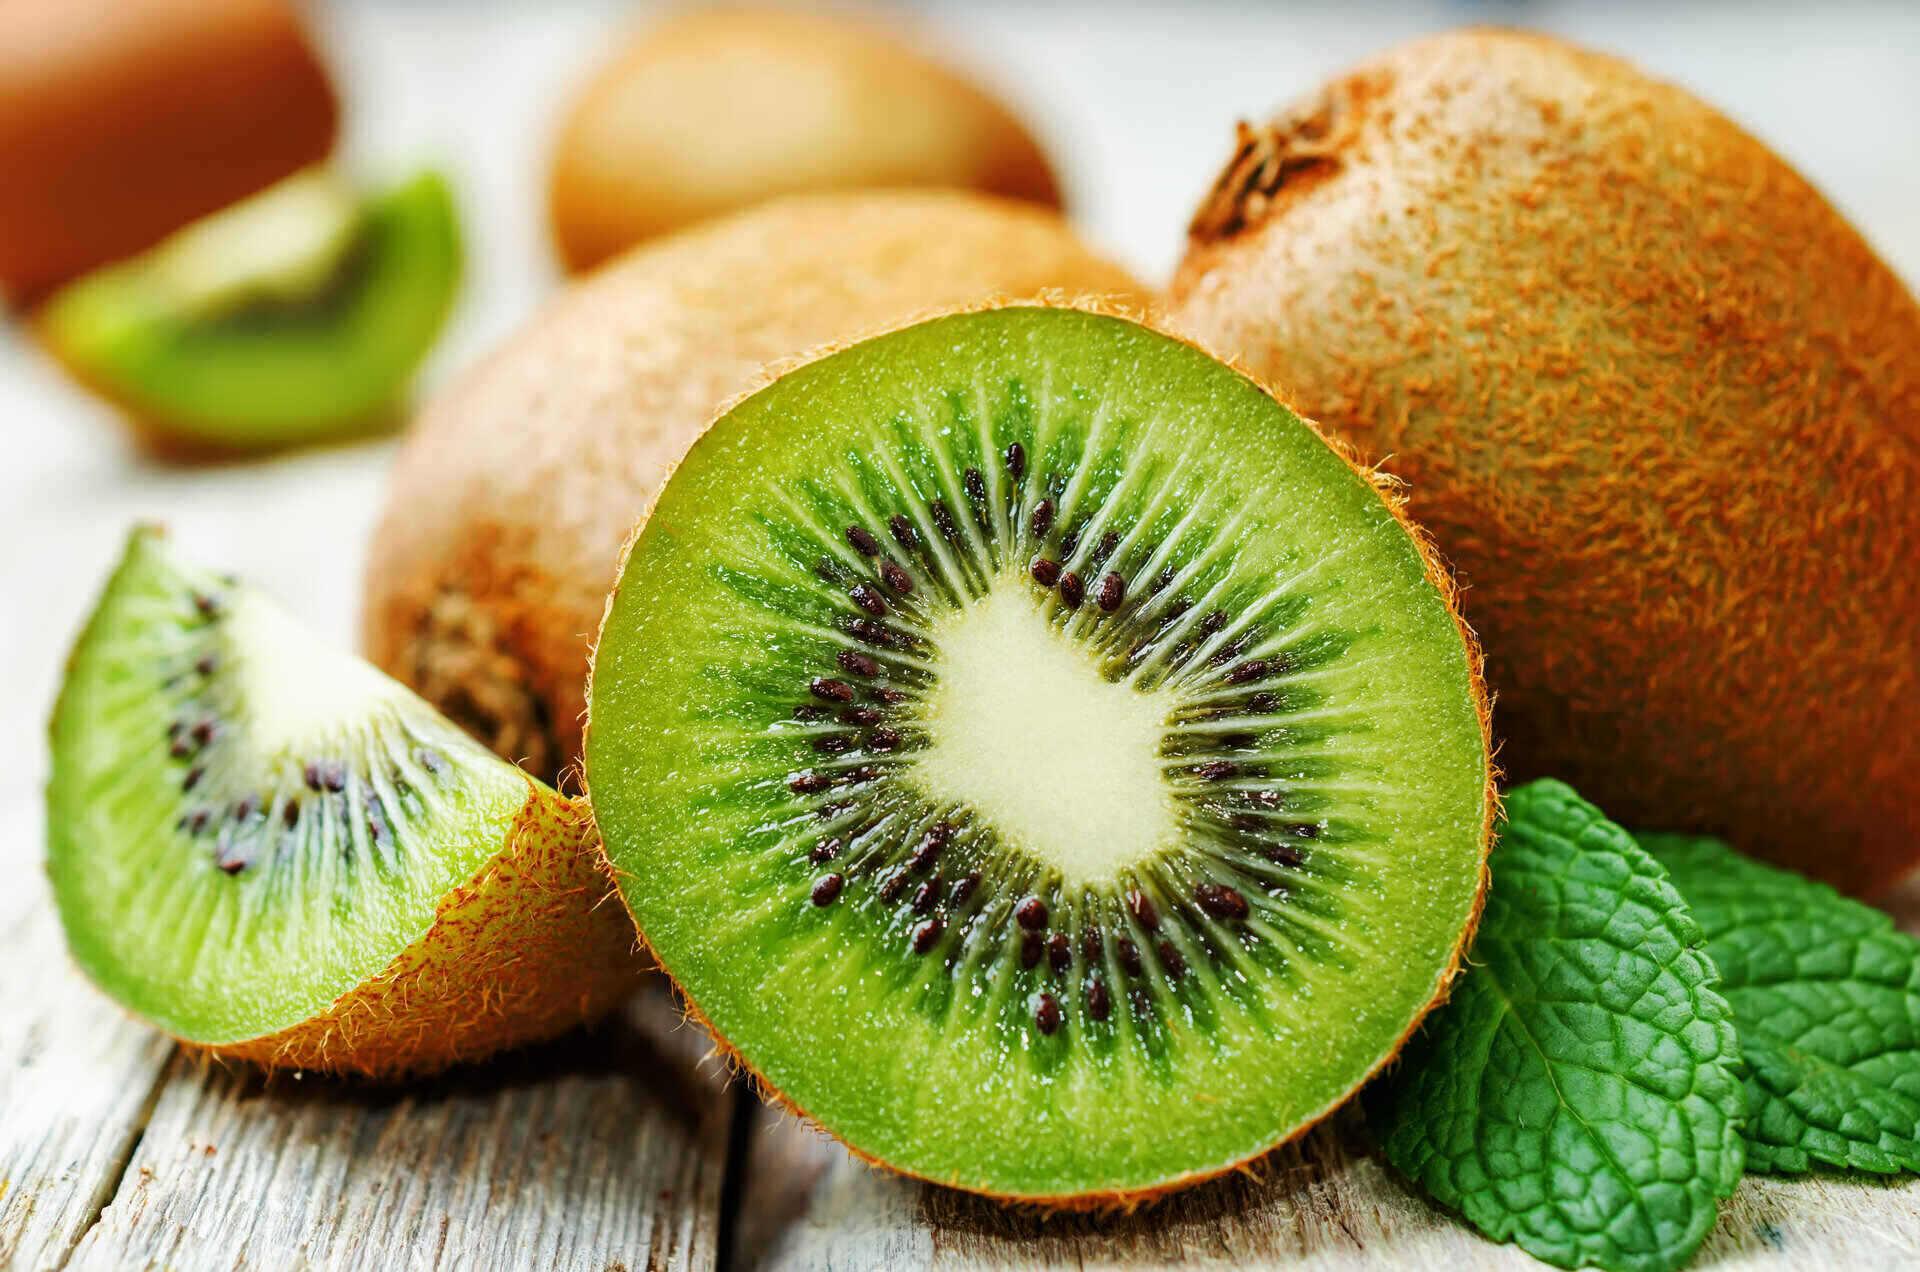 Kiwi da mangiare in autunno con i salumi: ricette e proprietà nutrizionali